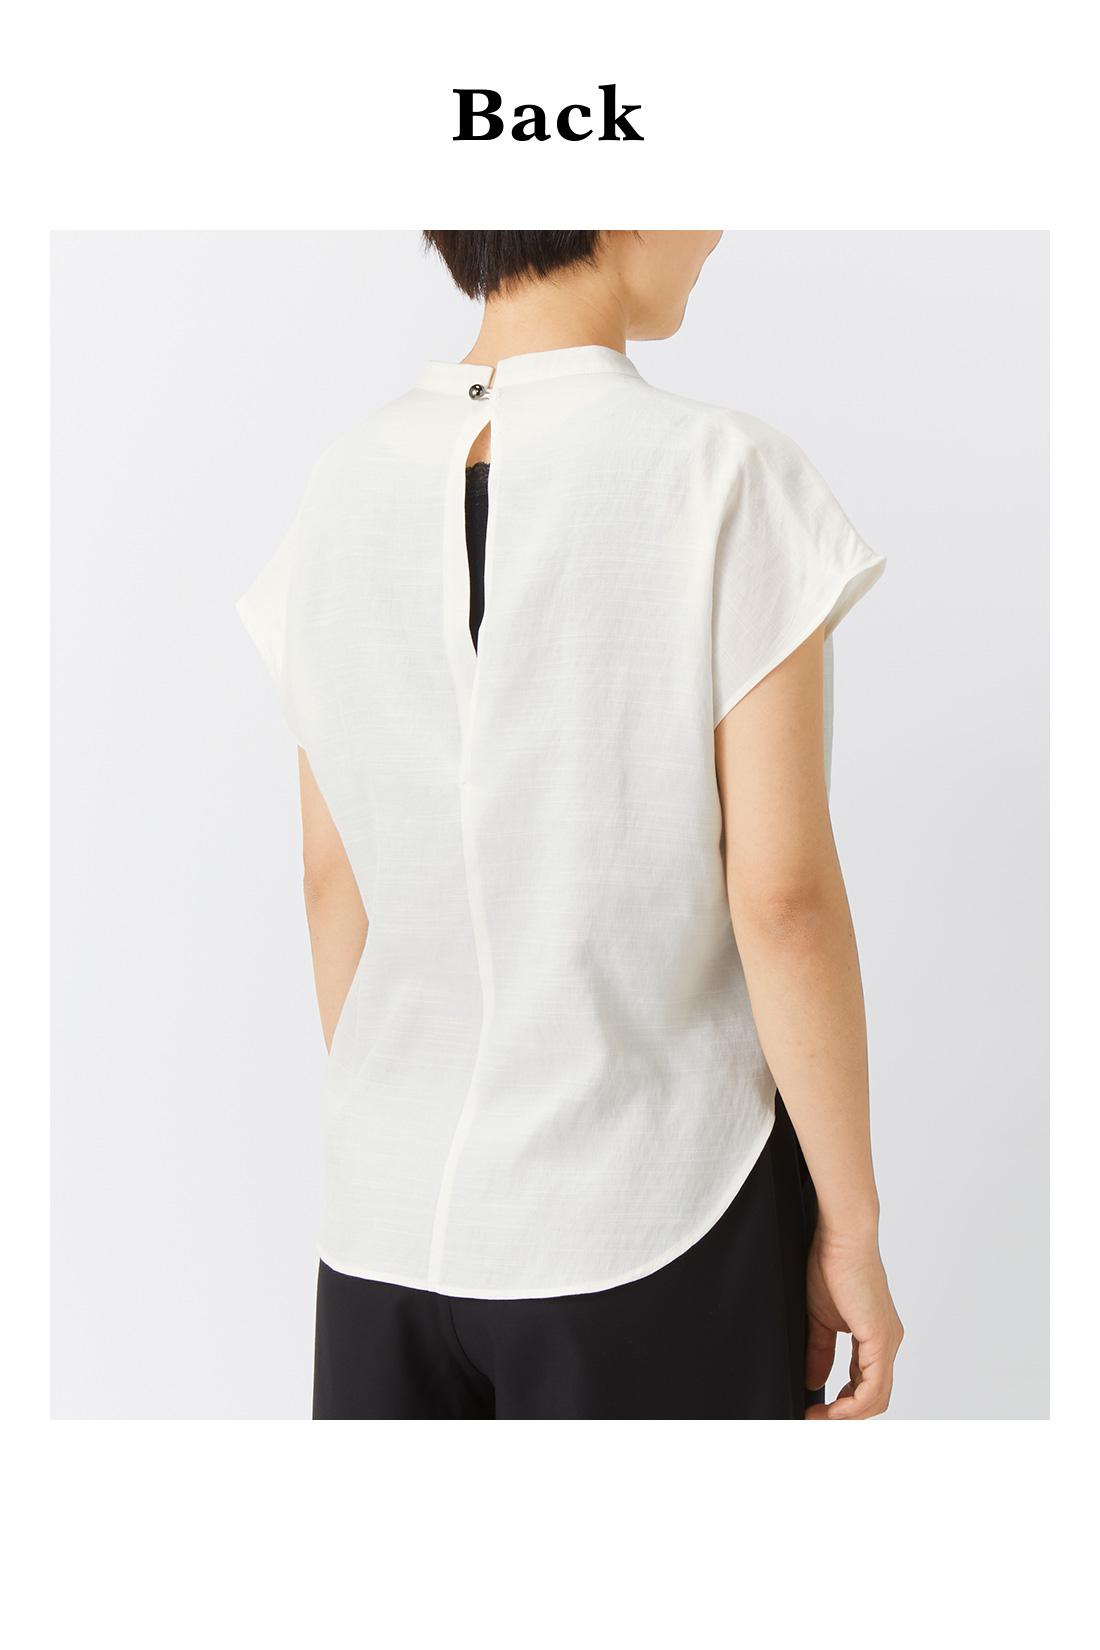 前はドッキングでフロントイン風、後ろはひらりとパンツに重なって、自然に腰まわりをカバー。 ※着用イメージです。お届けするカラーとは異なります。